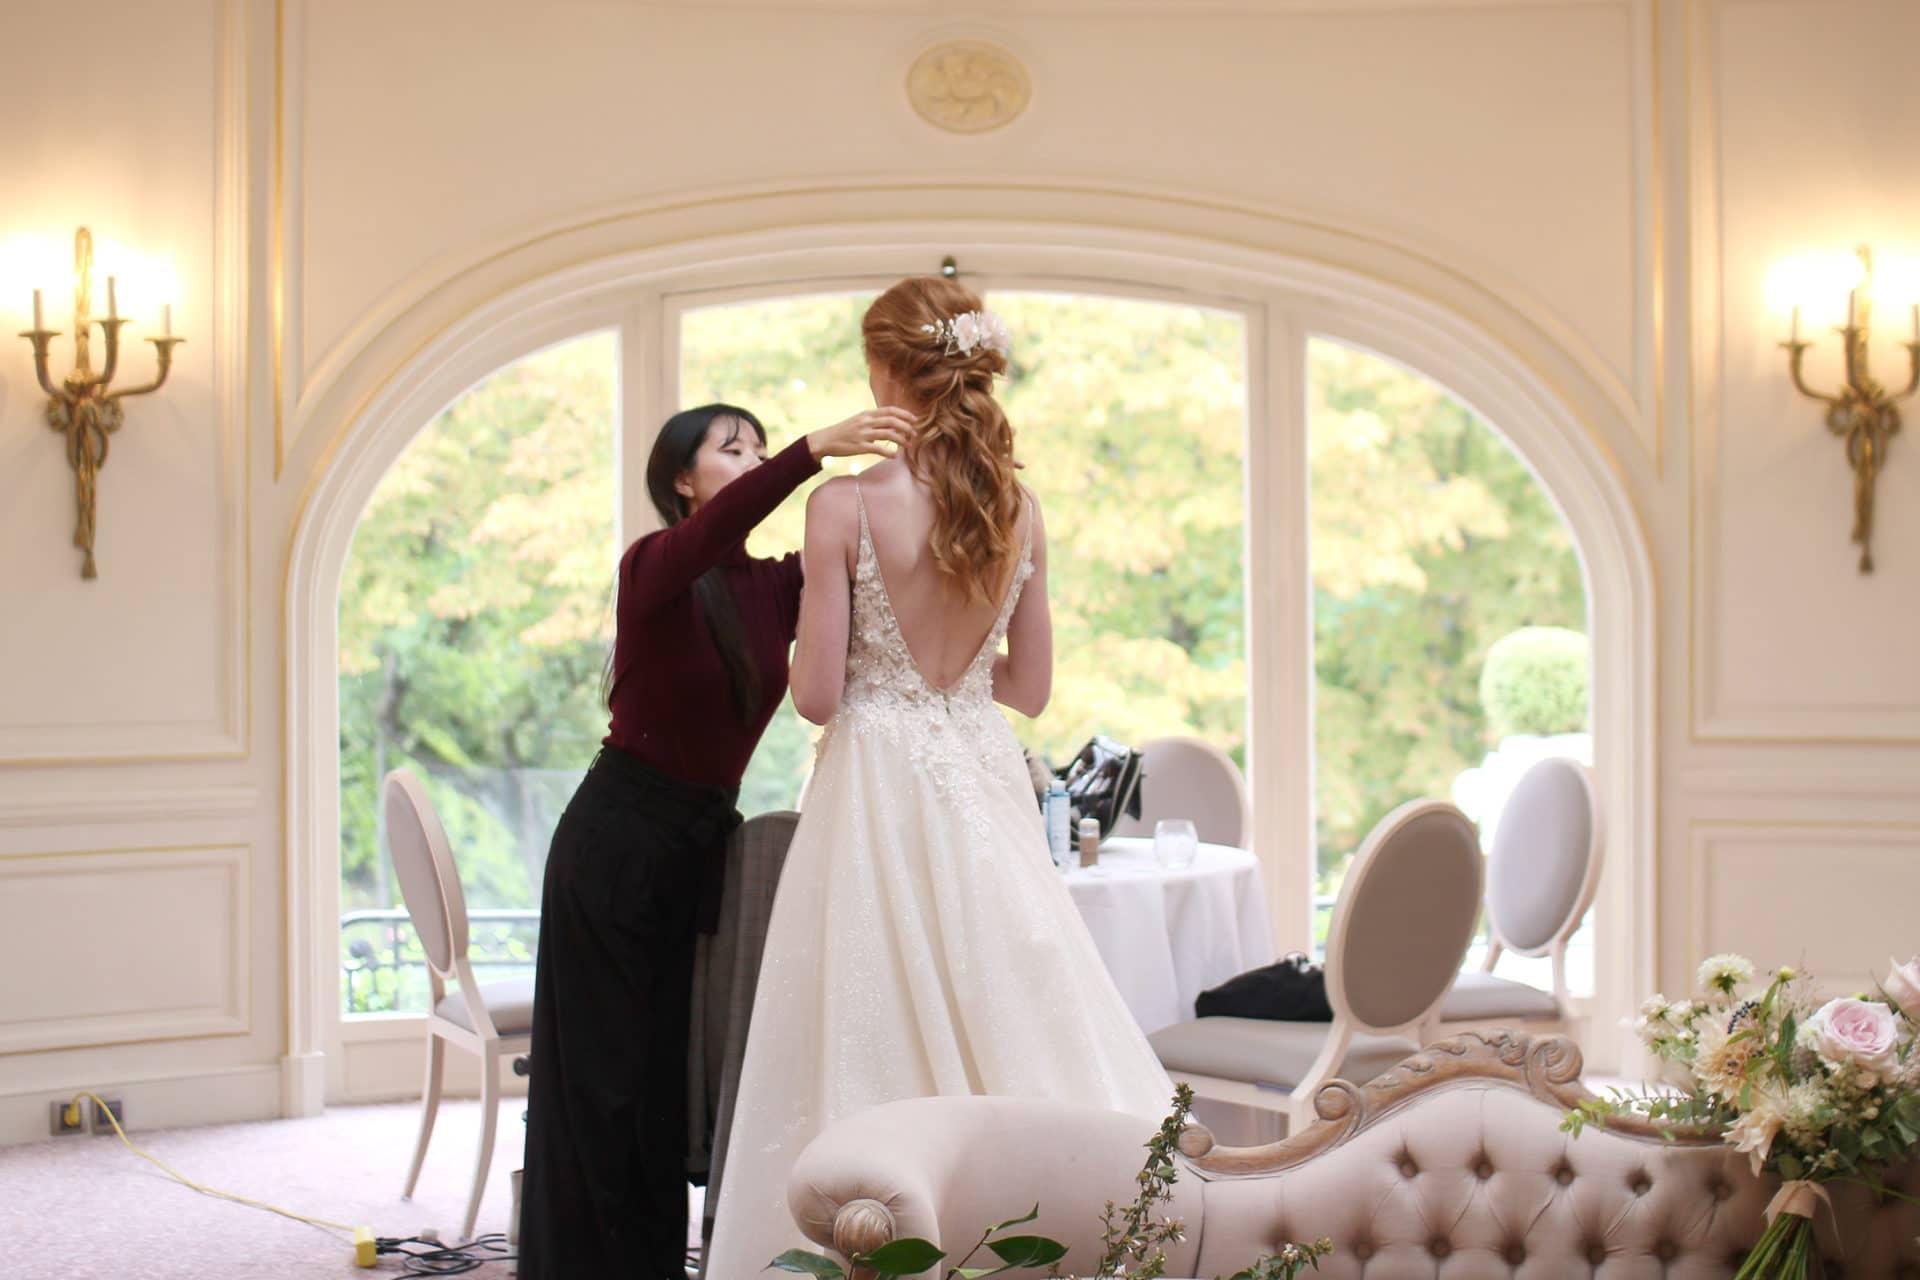 La mariée du jour a pu revêtir sa robe féérique